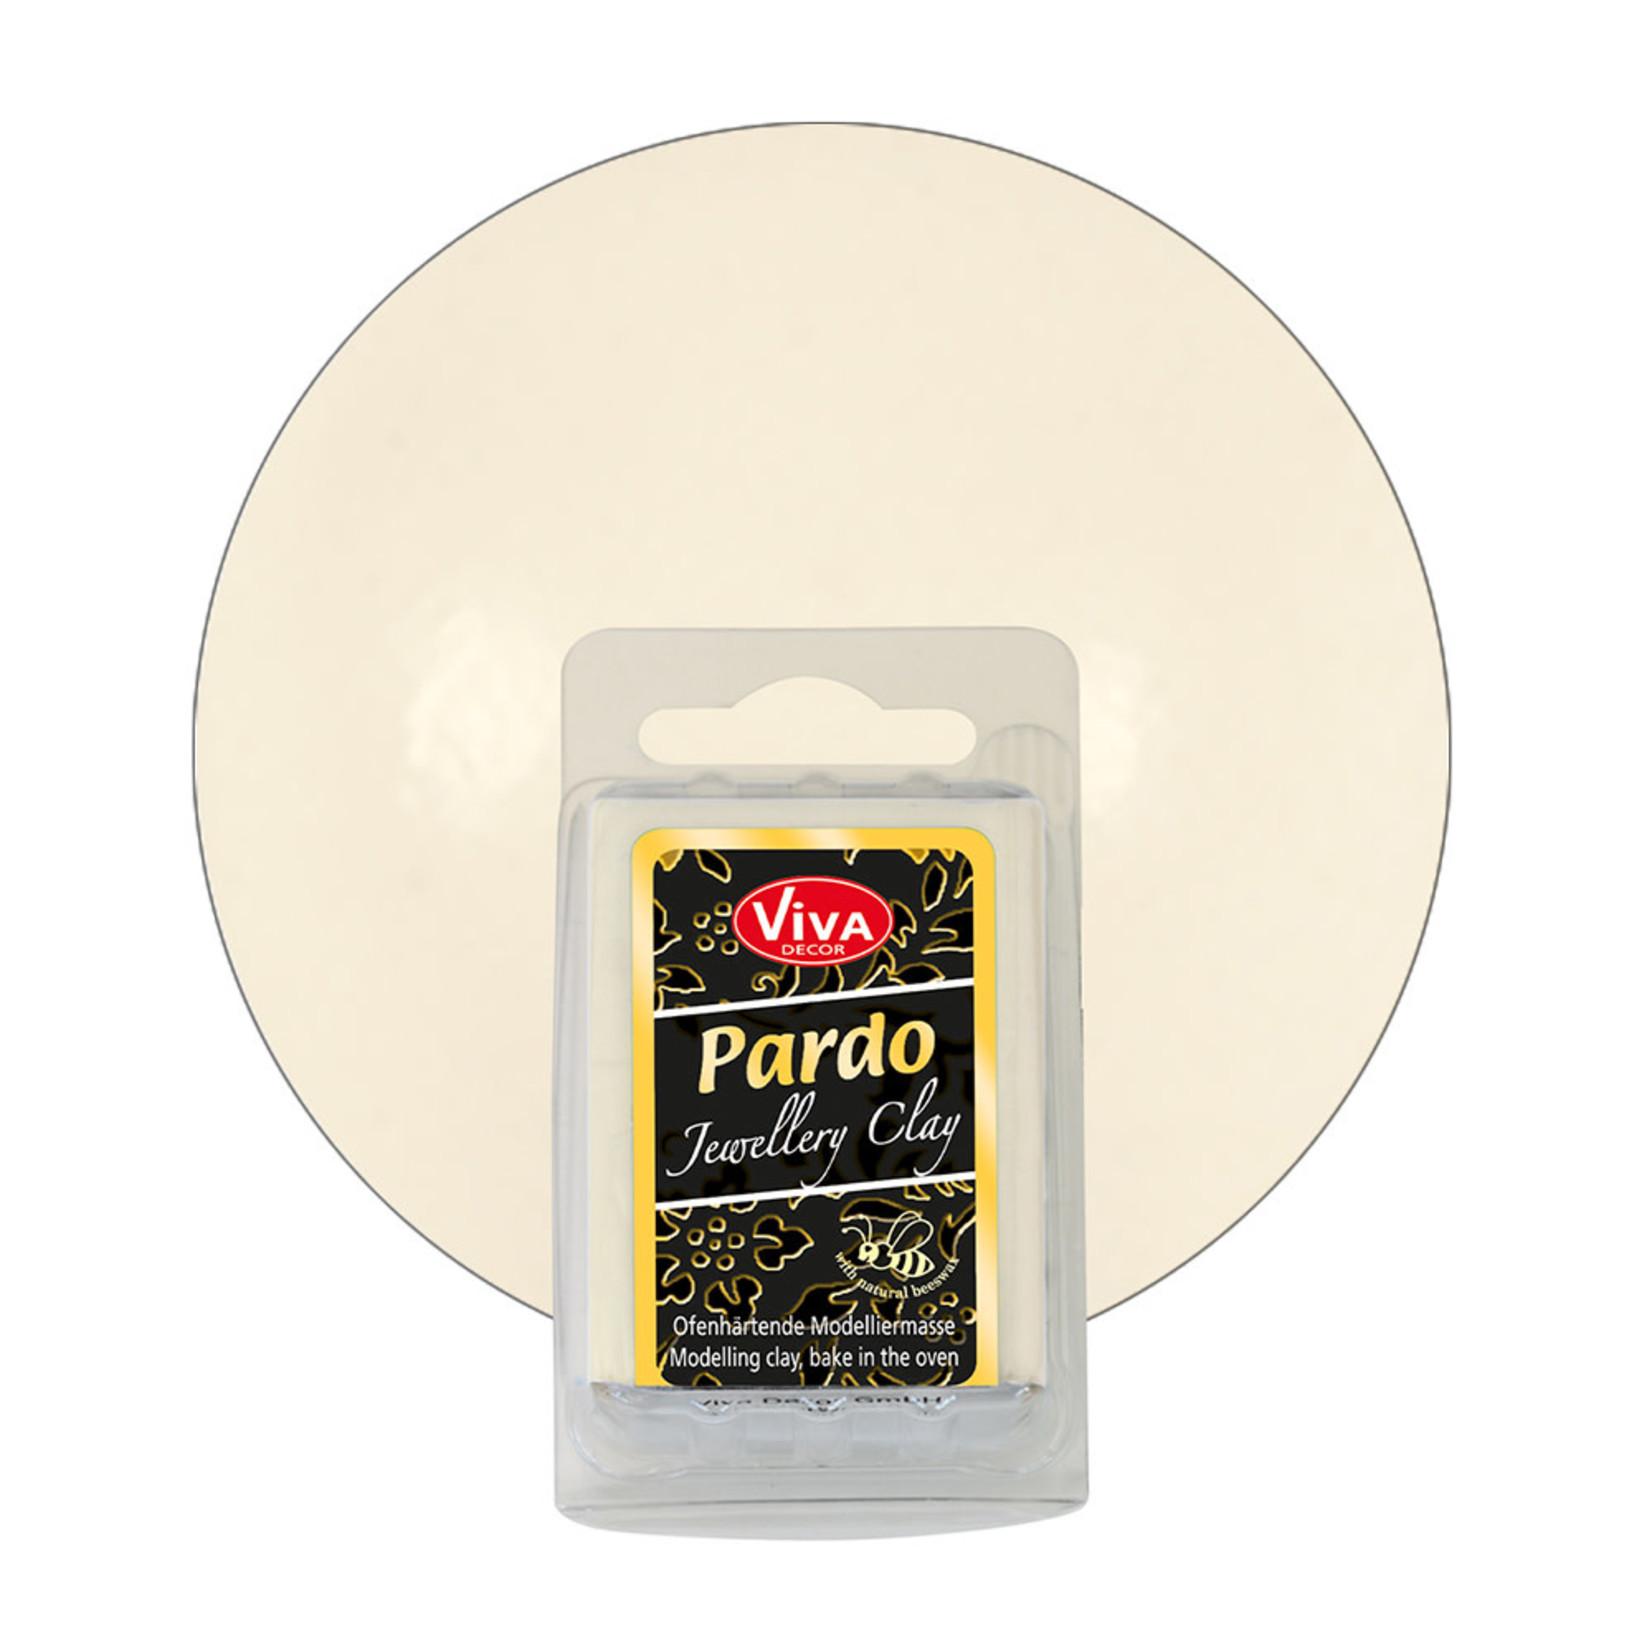 PARDO Jewelry Clay Ivory, 56gr